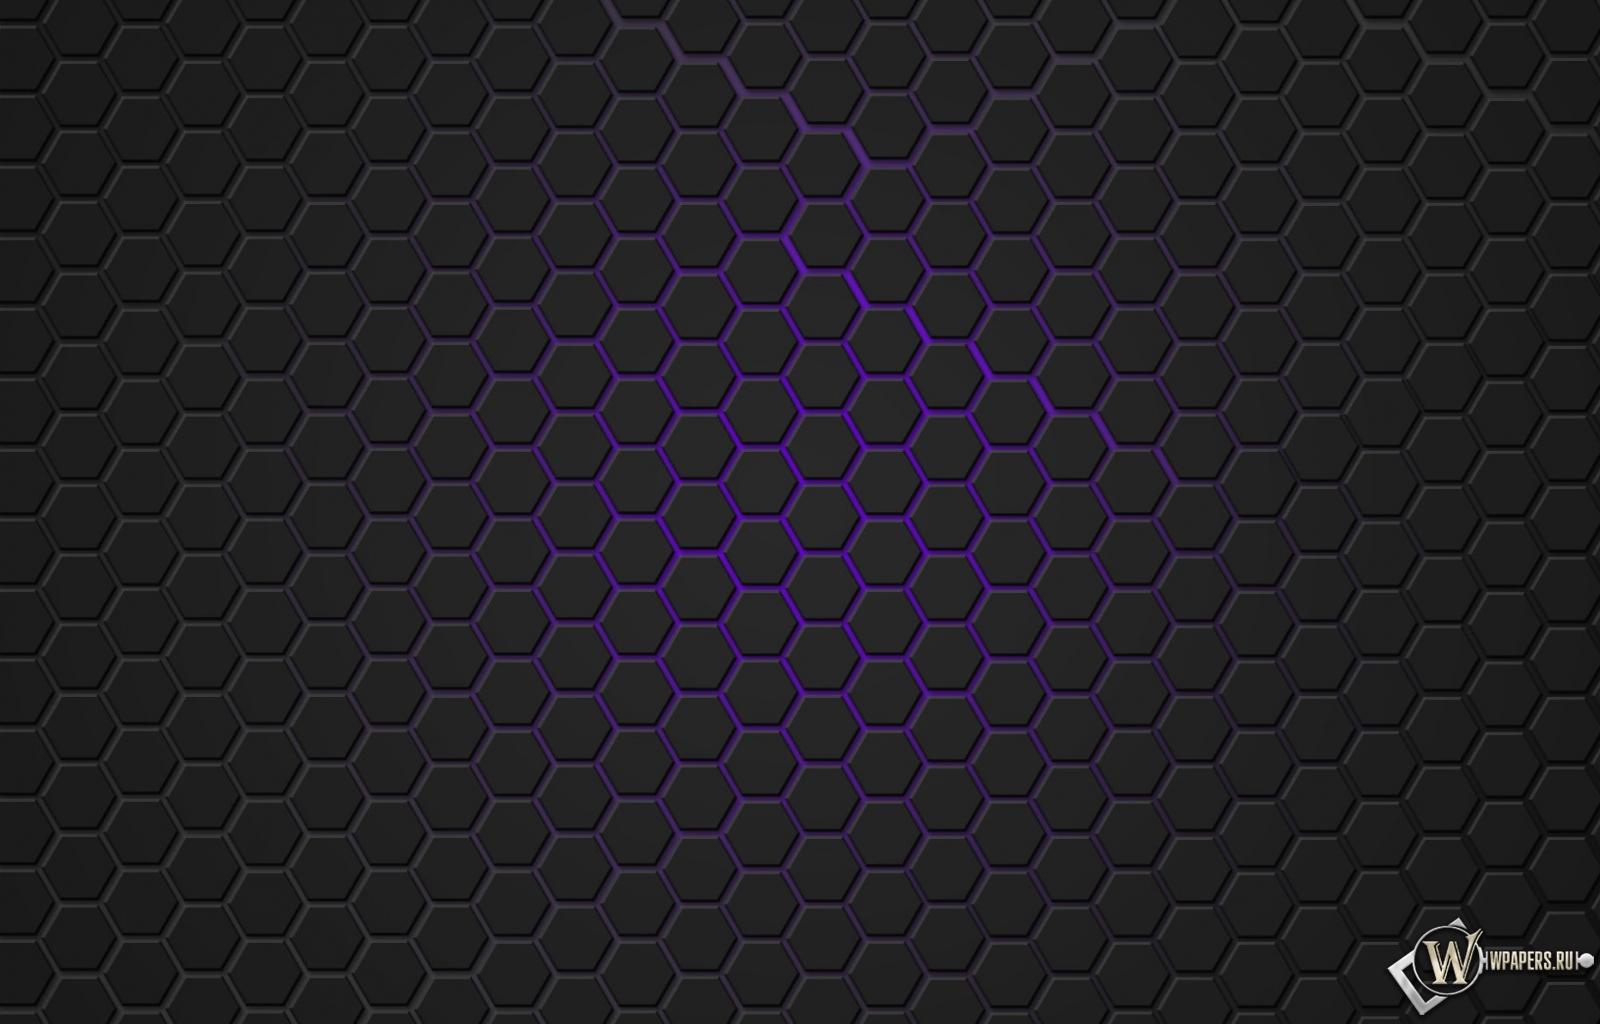 Фиолетовая гексагональная решётка 1600x1024